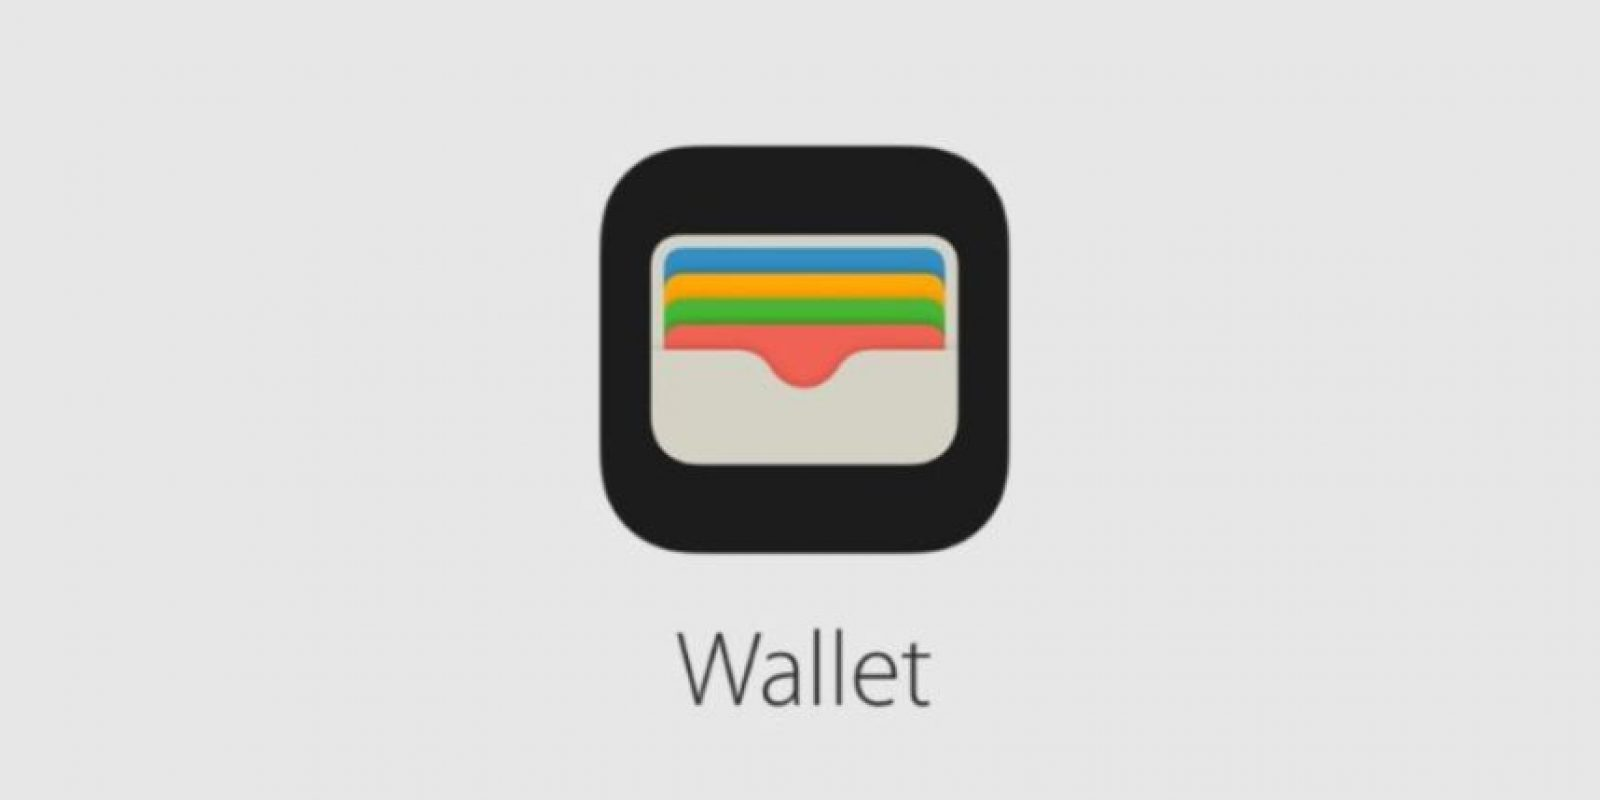 También se anunció el la actualización de app como Wallet. Foto:Apple